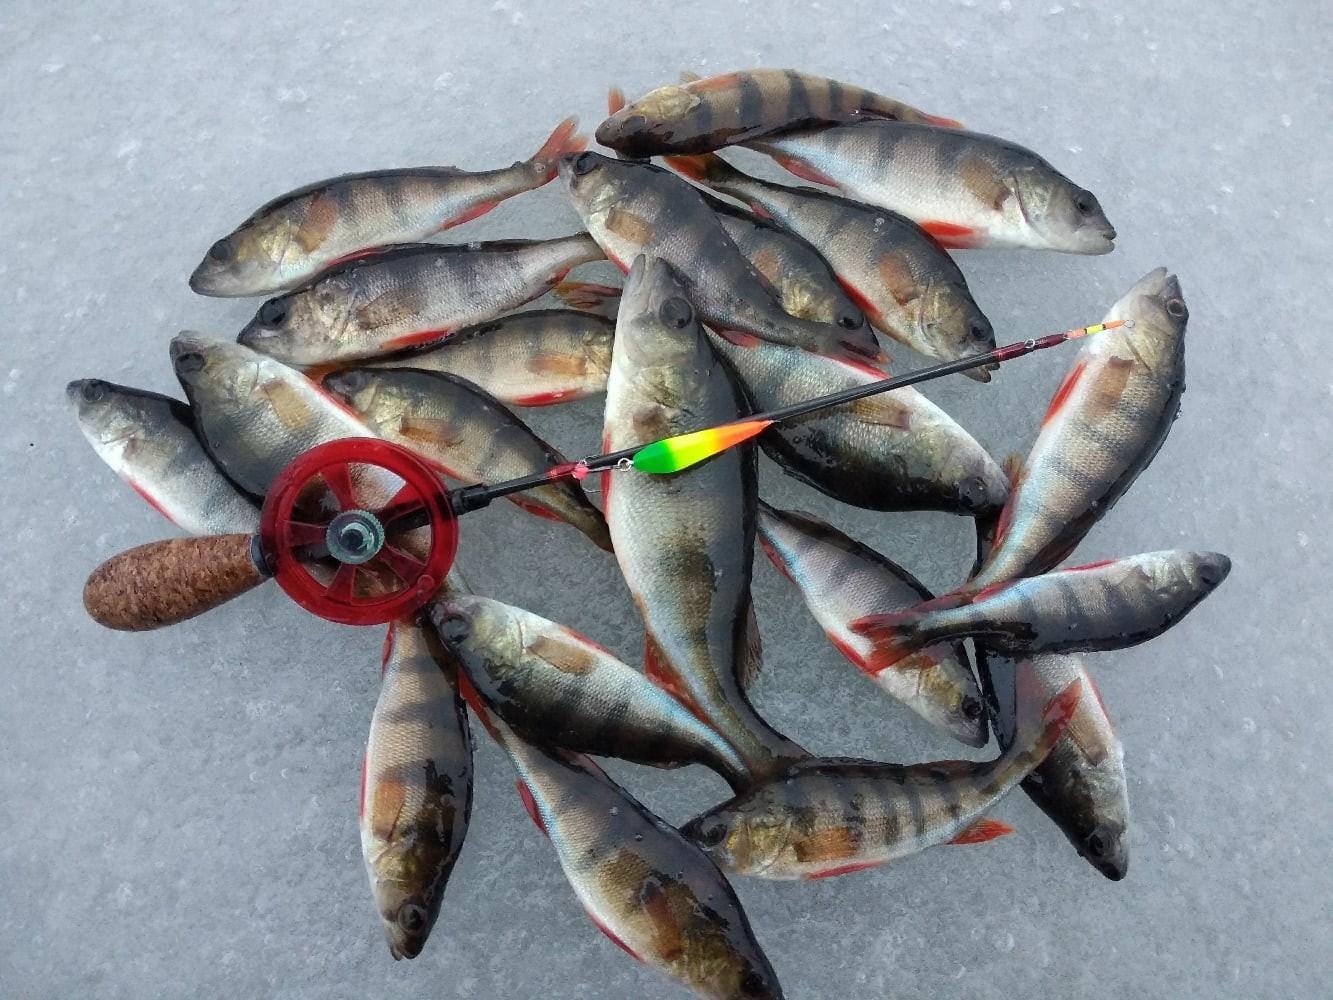 Провели несколько дней на одном из озёр Браславщины ... | Отчеты о рыбалке в Беларуси